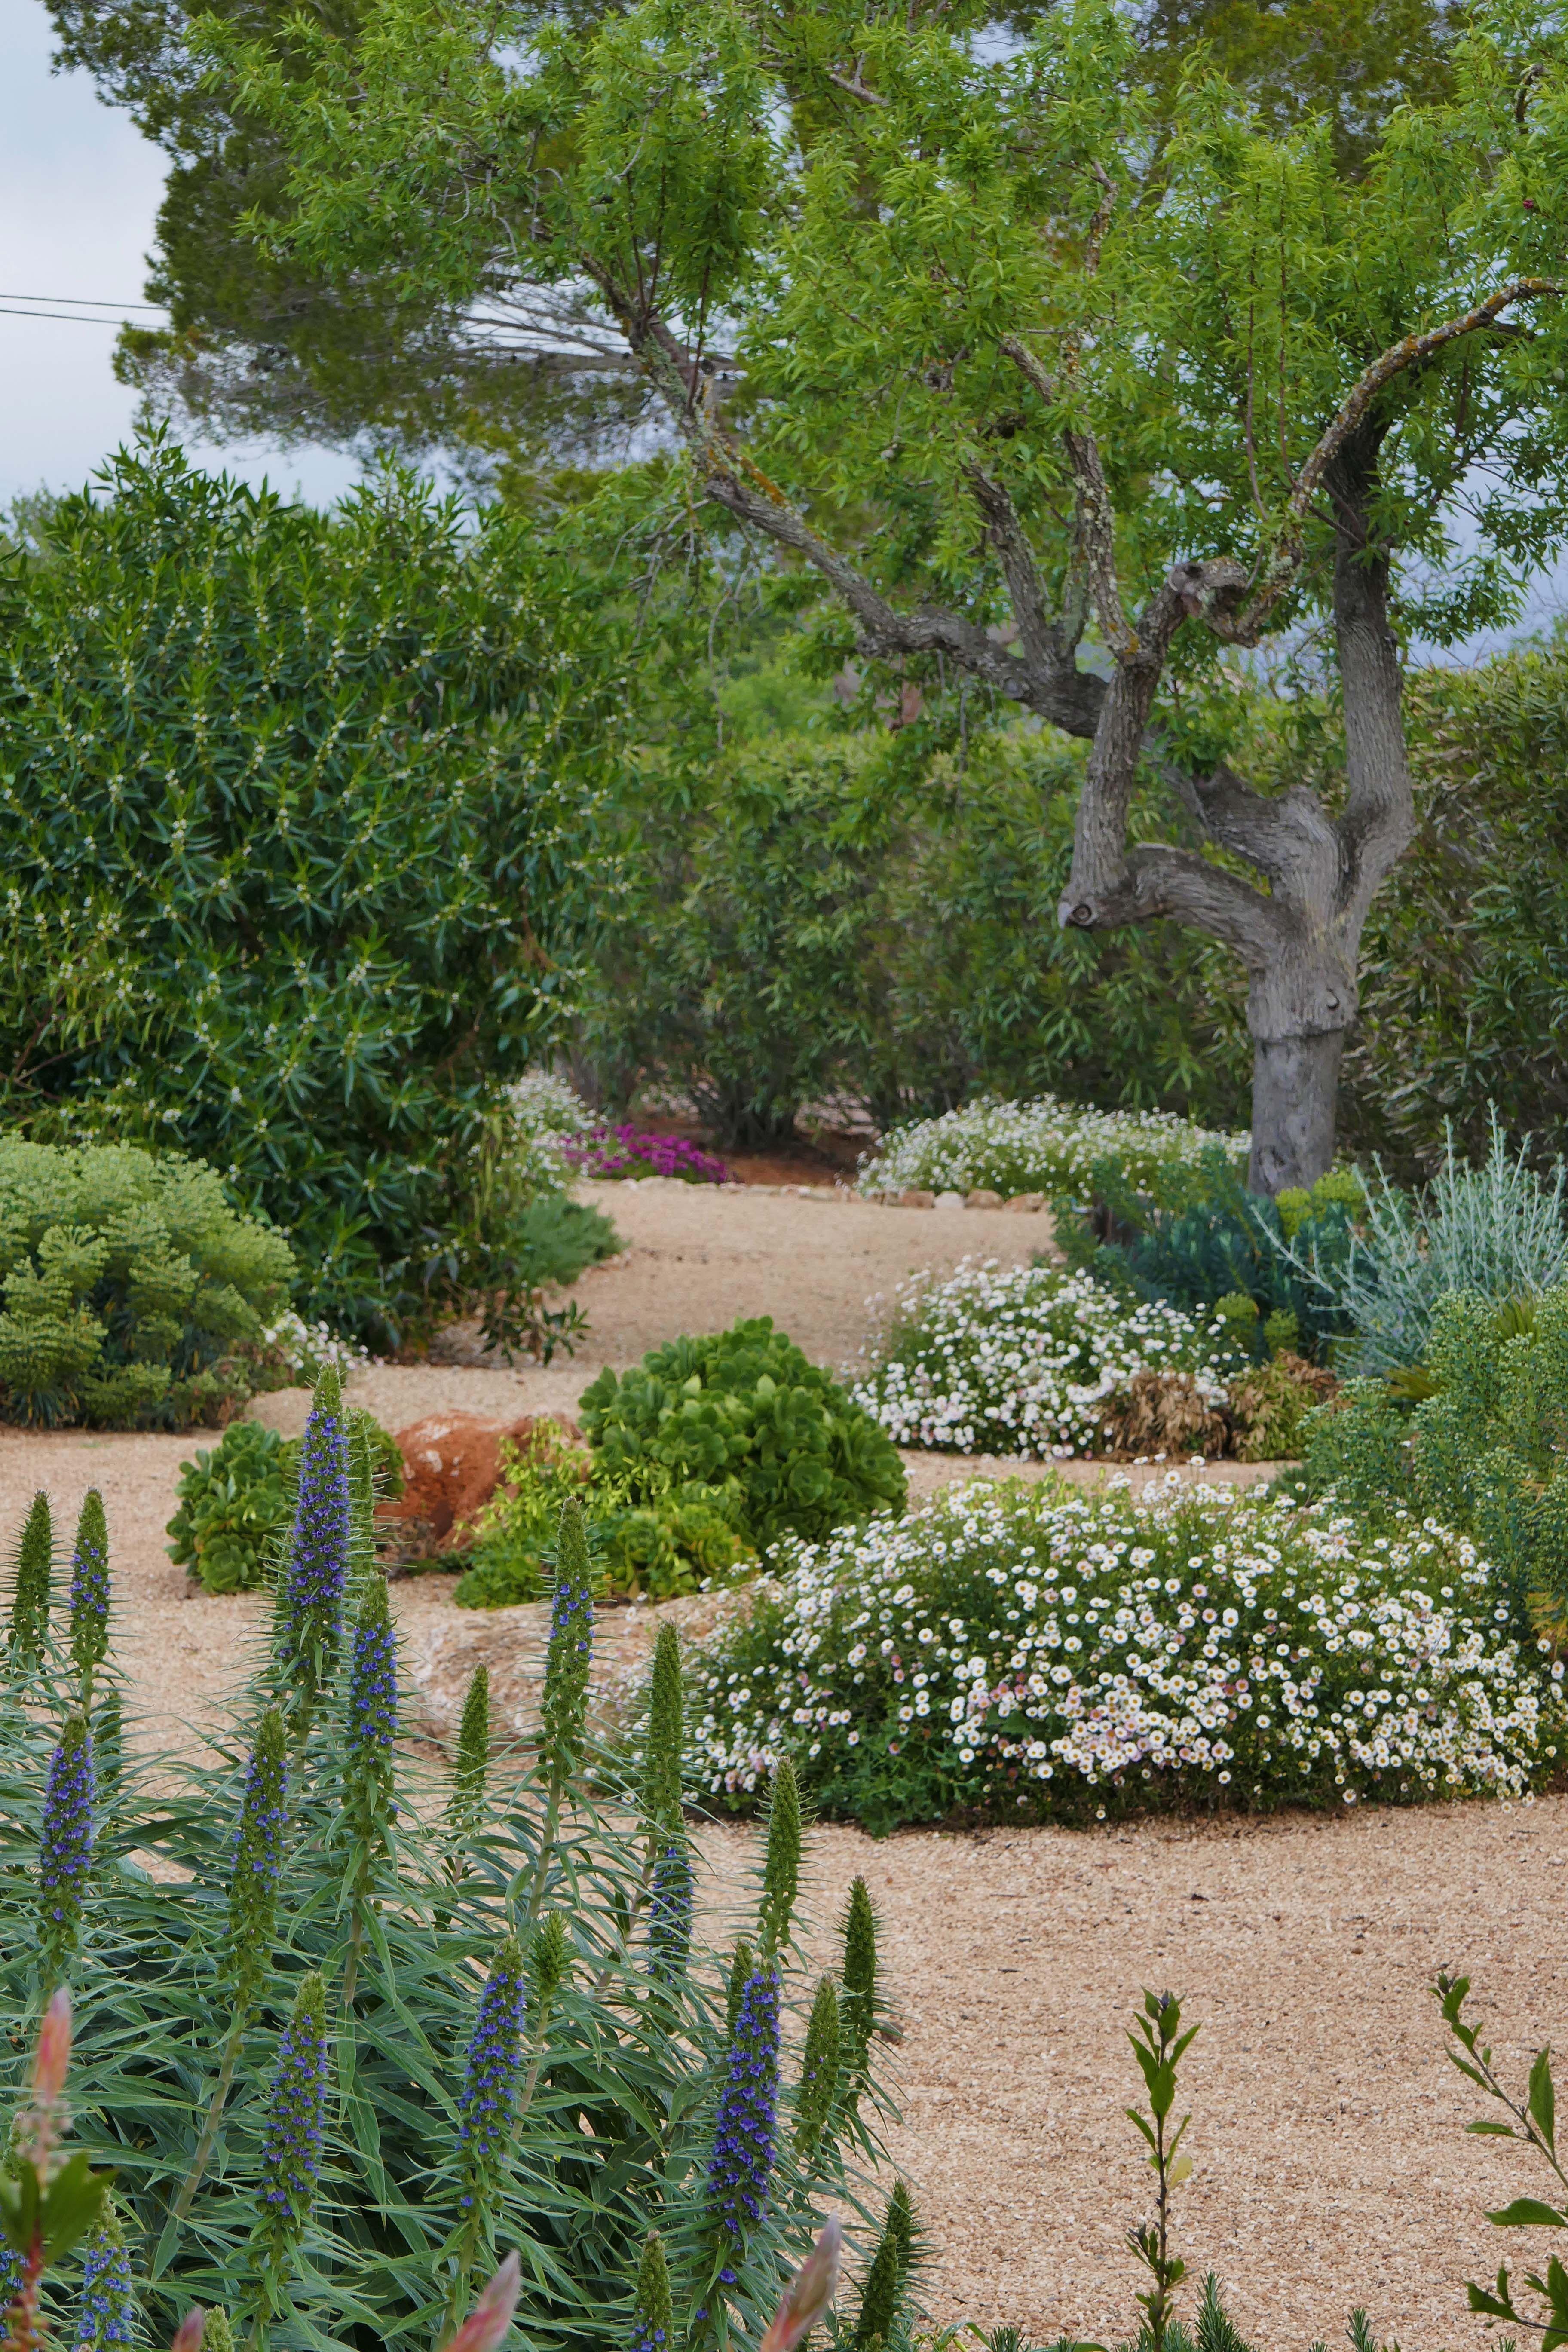 Mediterranean Dry Garden Planting Mediterranean Garden Mediterranean Plants Mediterranean Landscaping